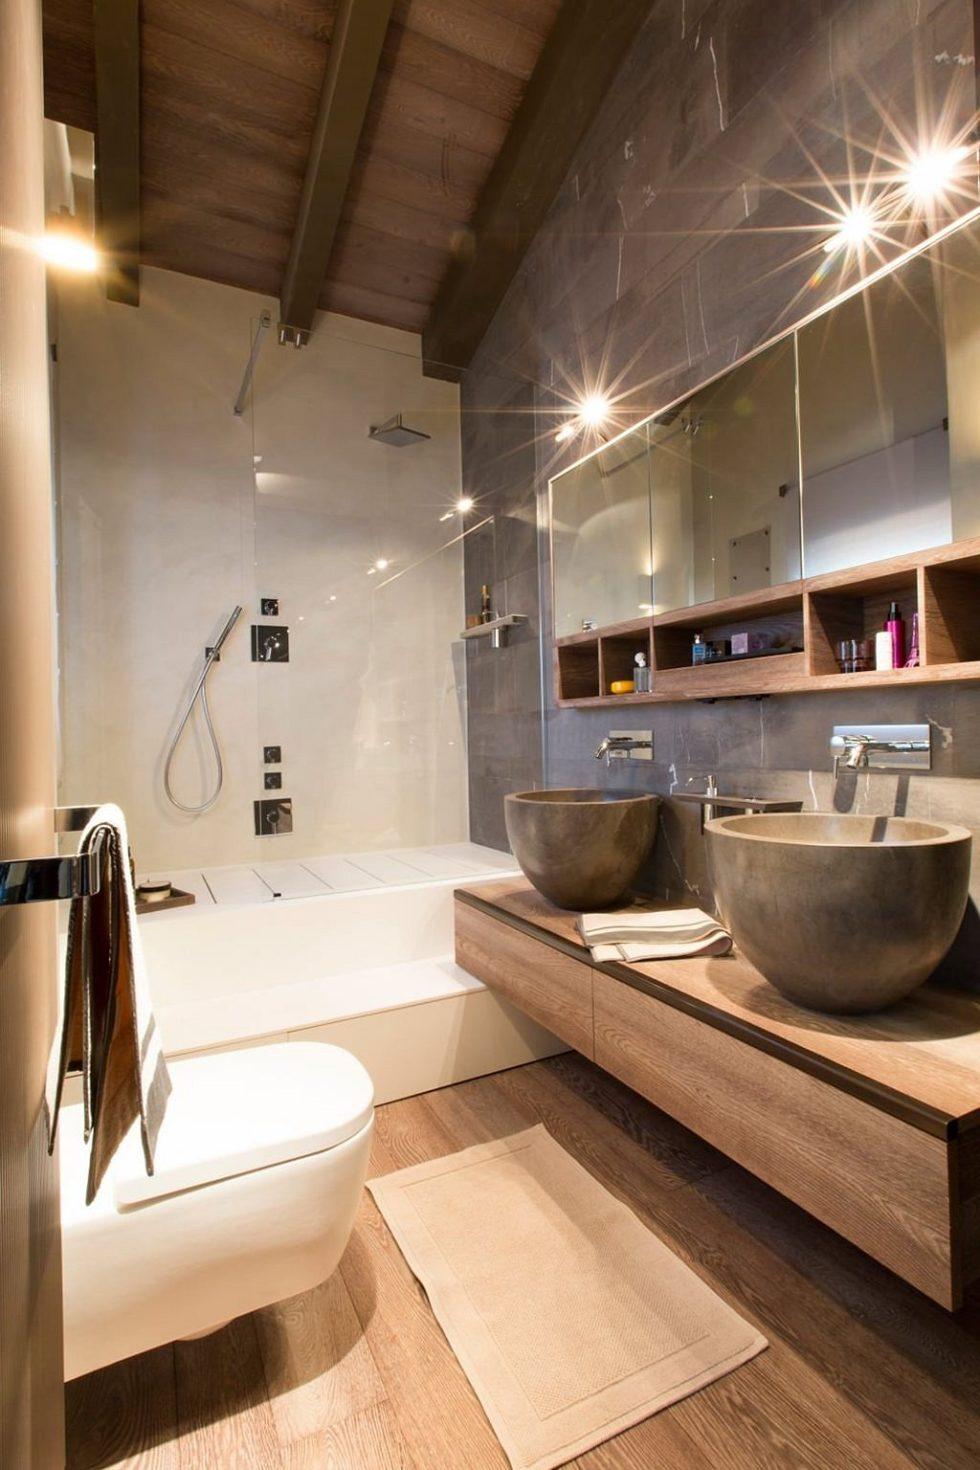 Modern Apartment in Switzerland - Bathroom Design Ideas